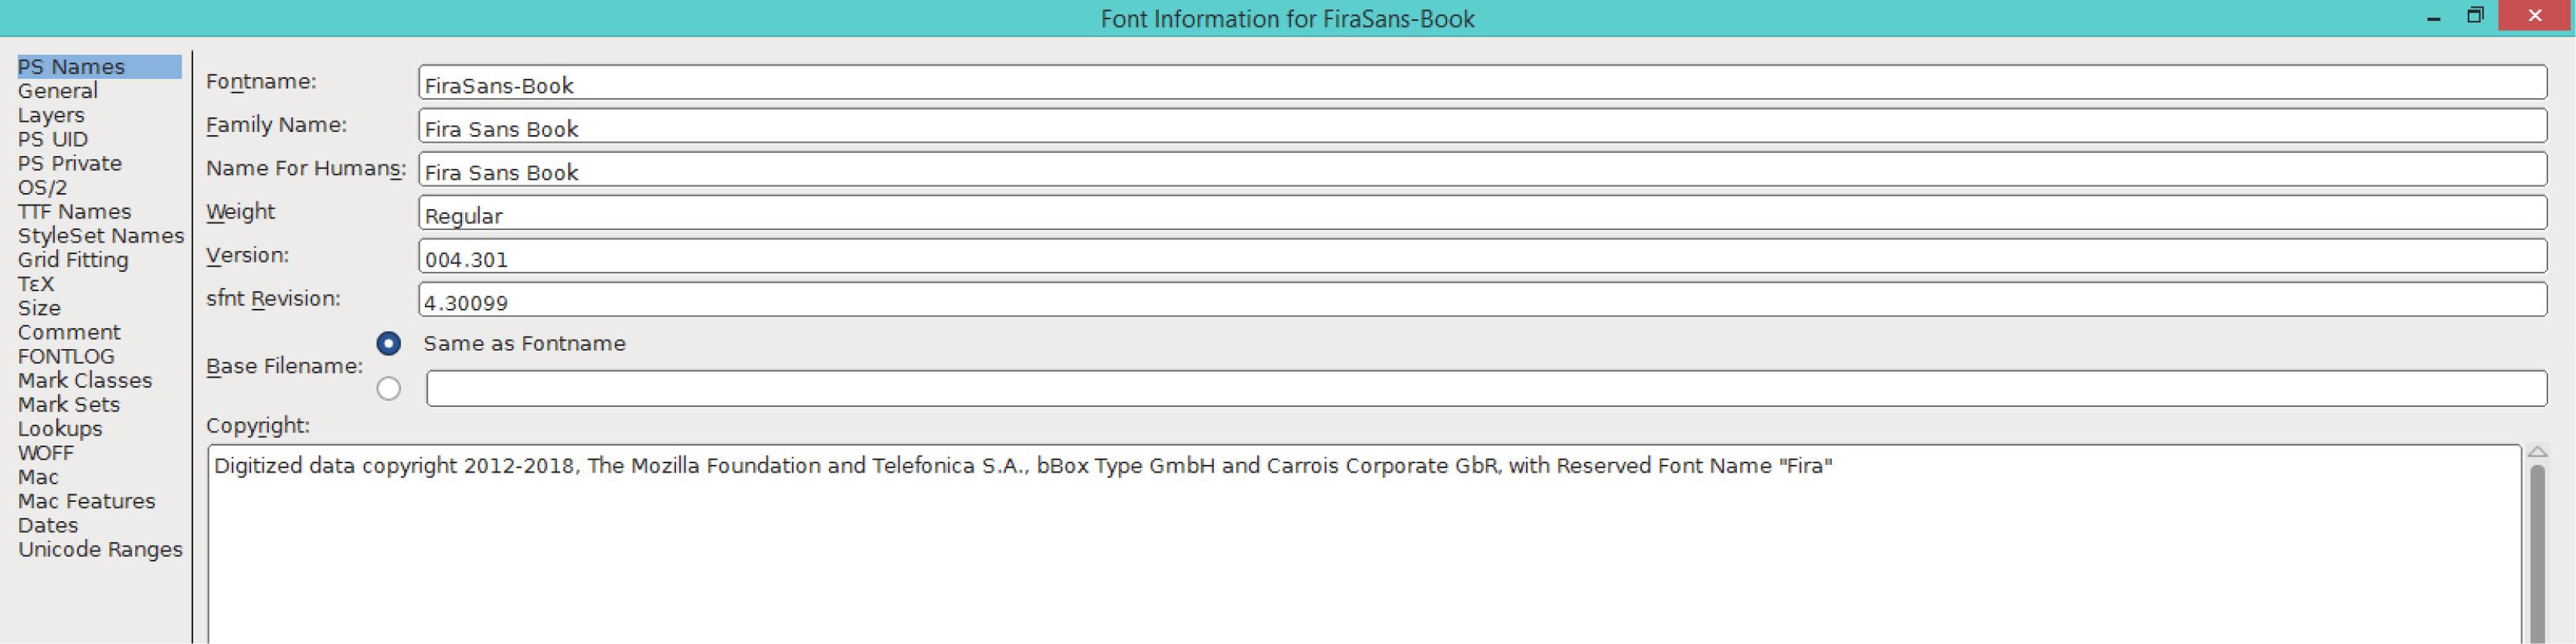 Fira Sans Book (PS)